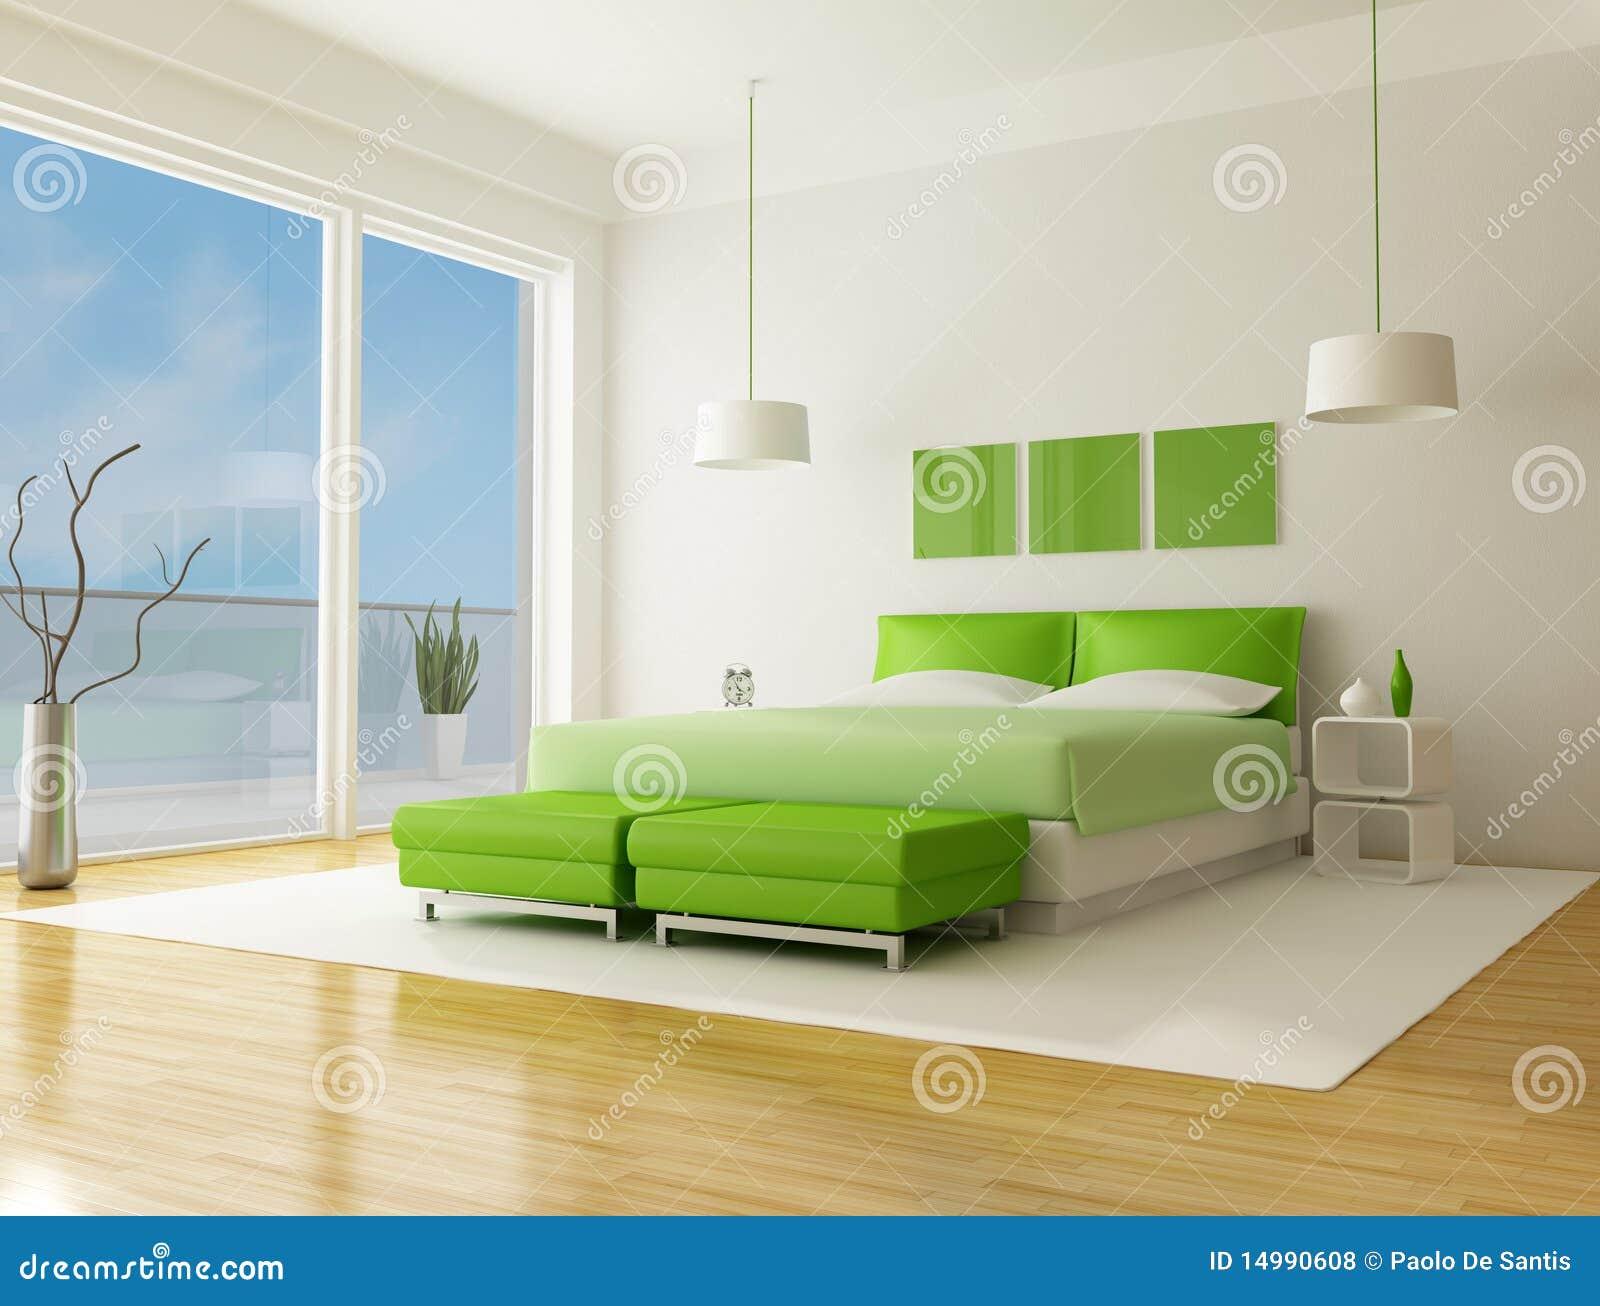 Grünes Schlafzimmer stock abbildung. Illustration von weiß - 14990608